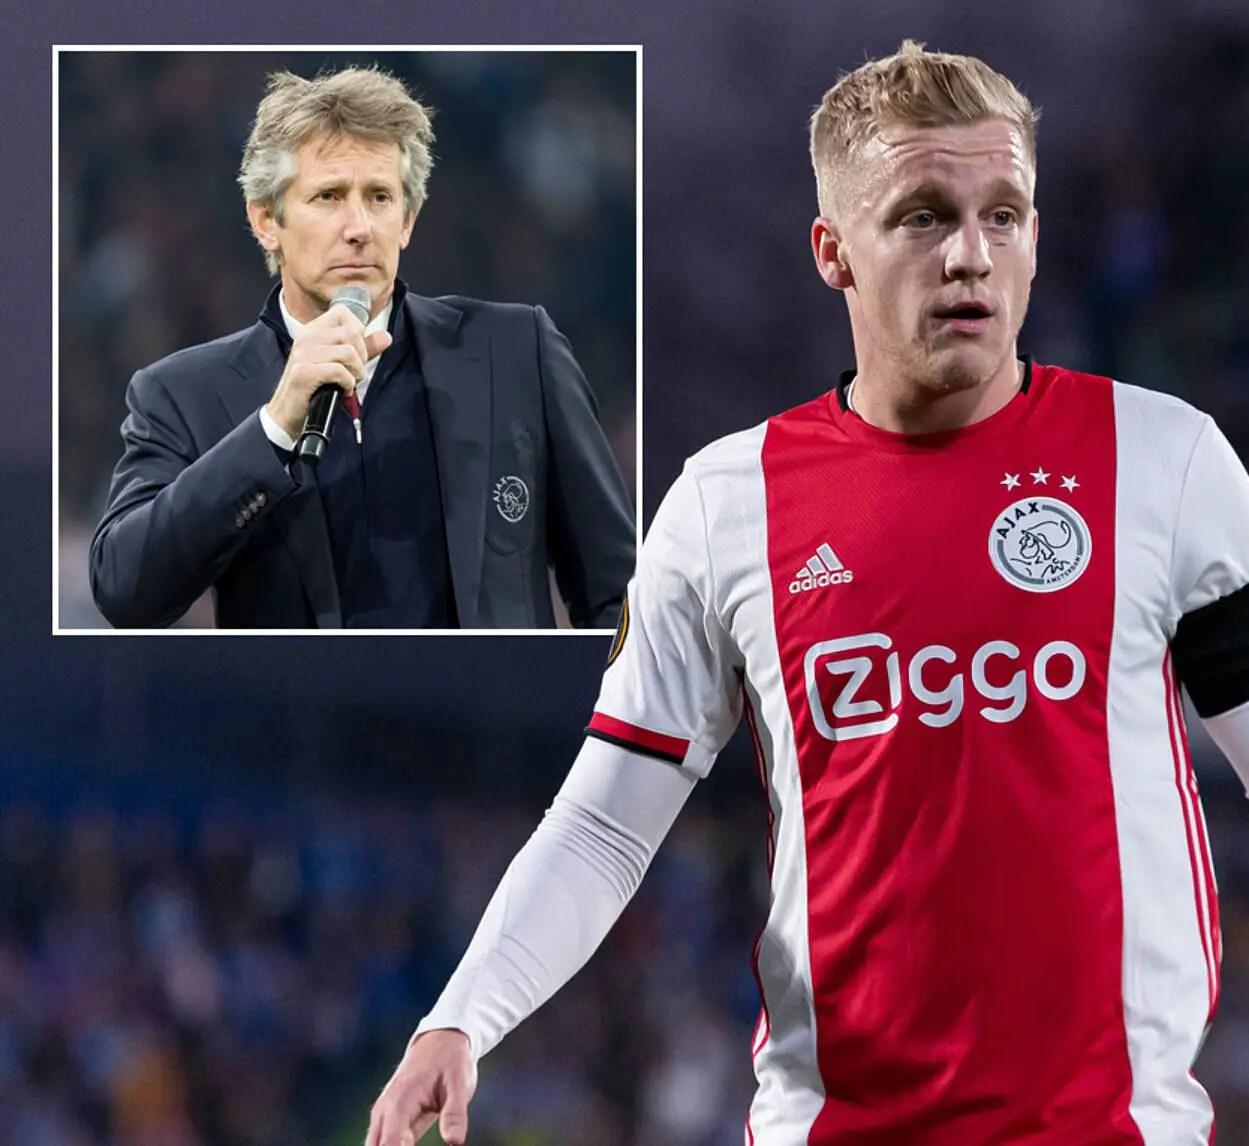 Van der Sar Confirms Man United Interested In Ajax Midfielder Van de Beek